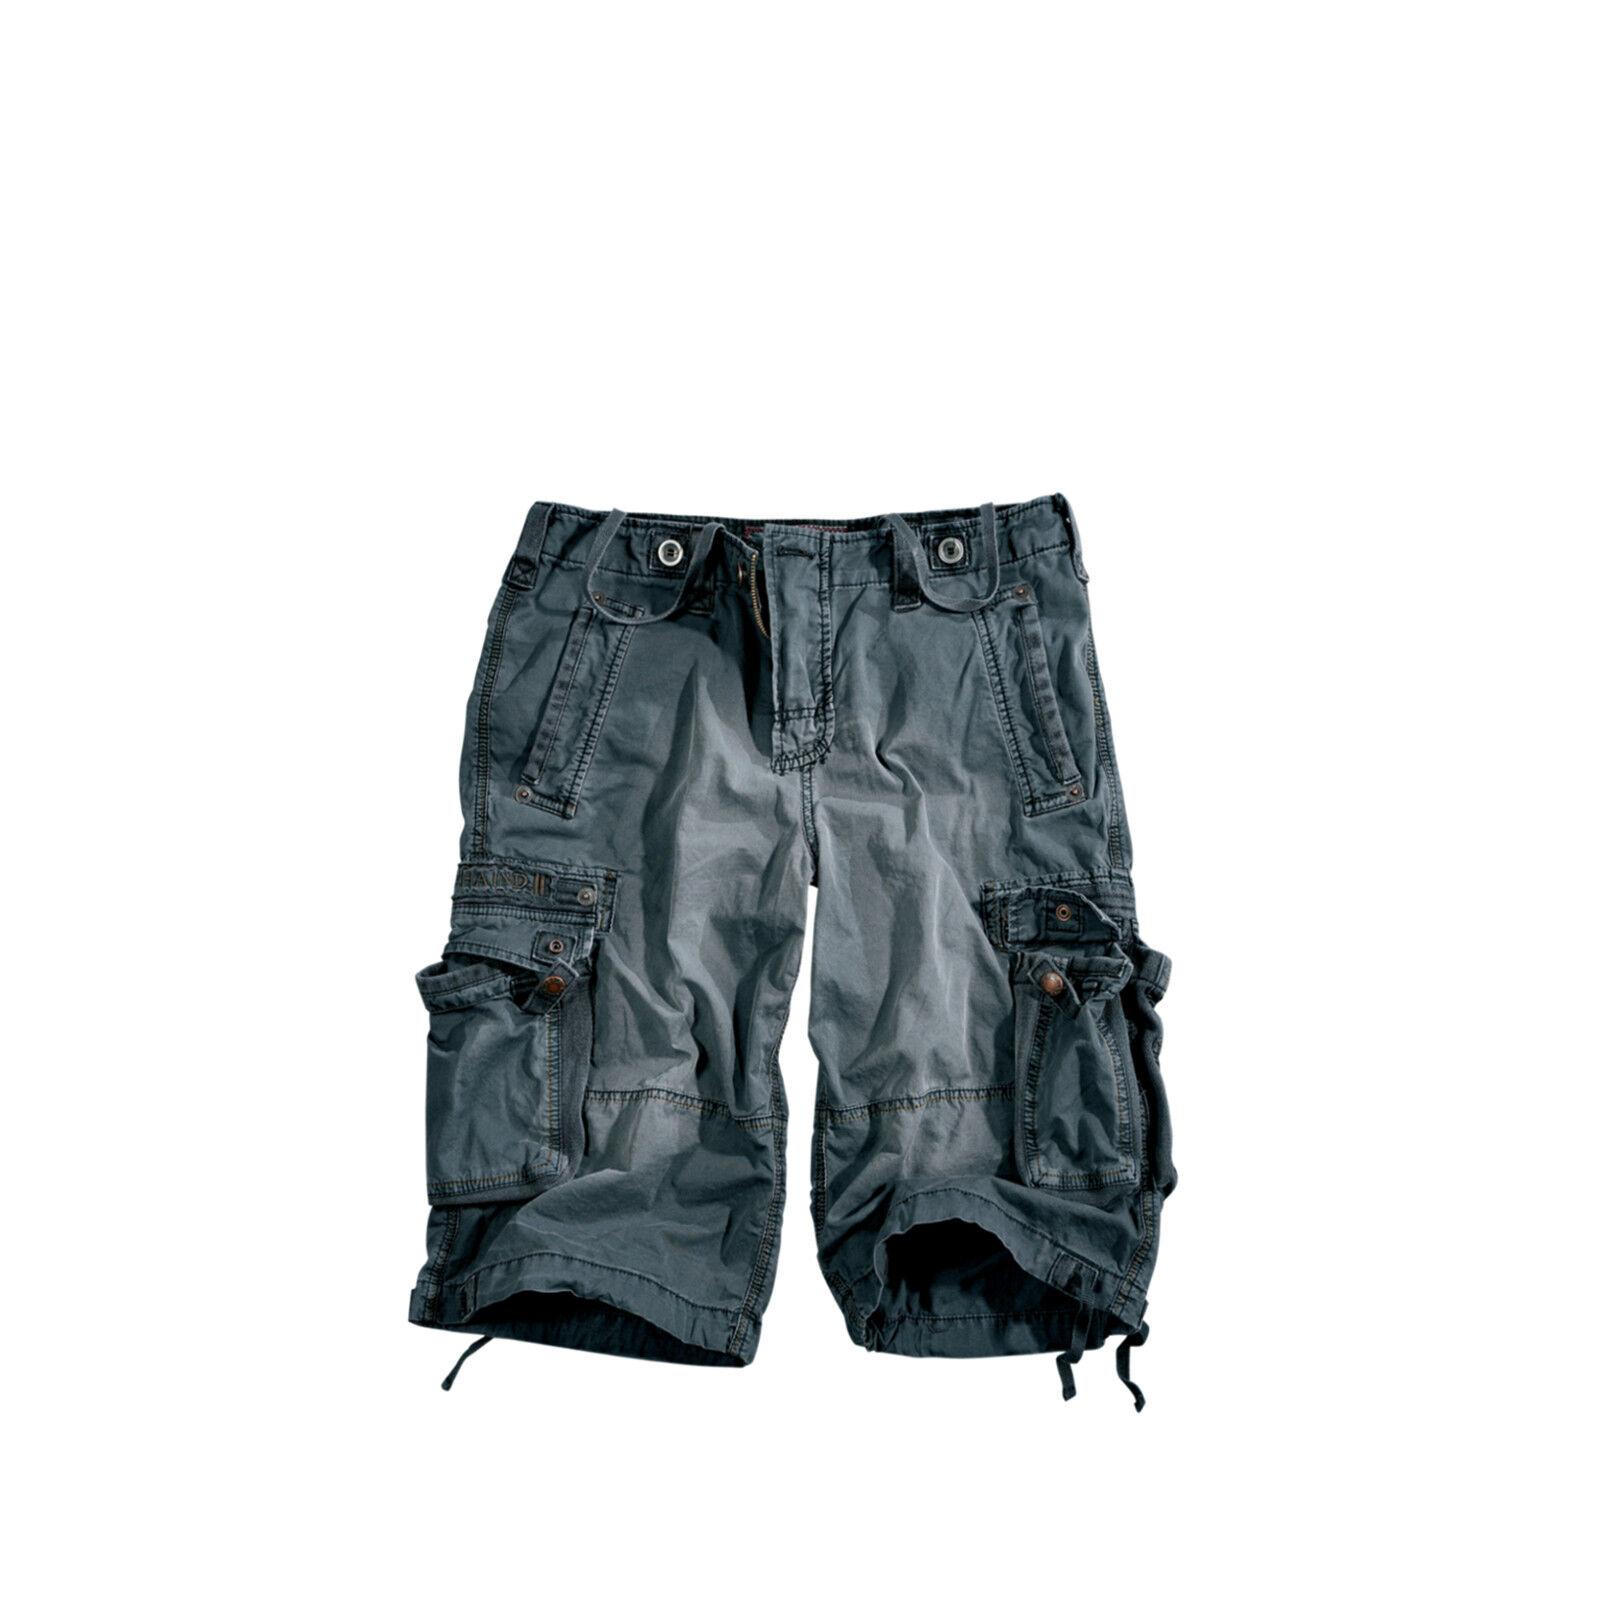 Alpha Industries Terminal Shorts 181210 grau-schwarz Größe Größe Größe 32 bd5db6